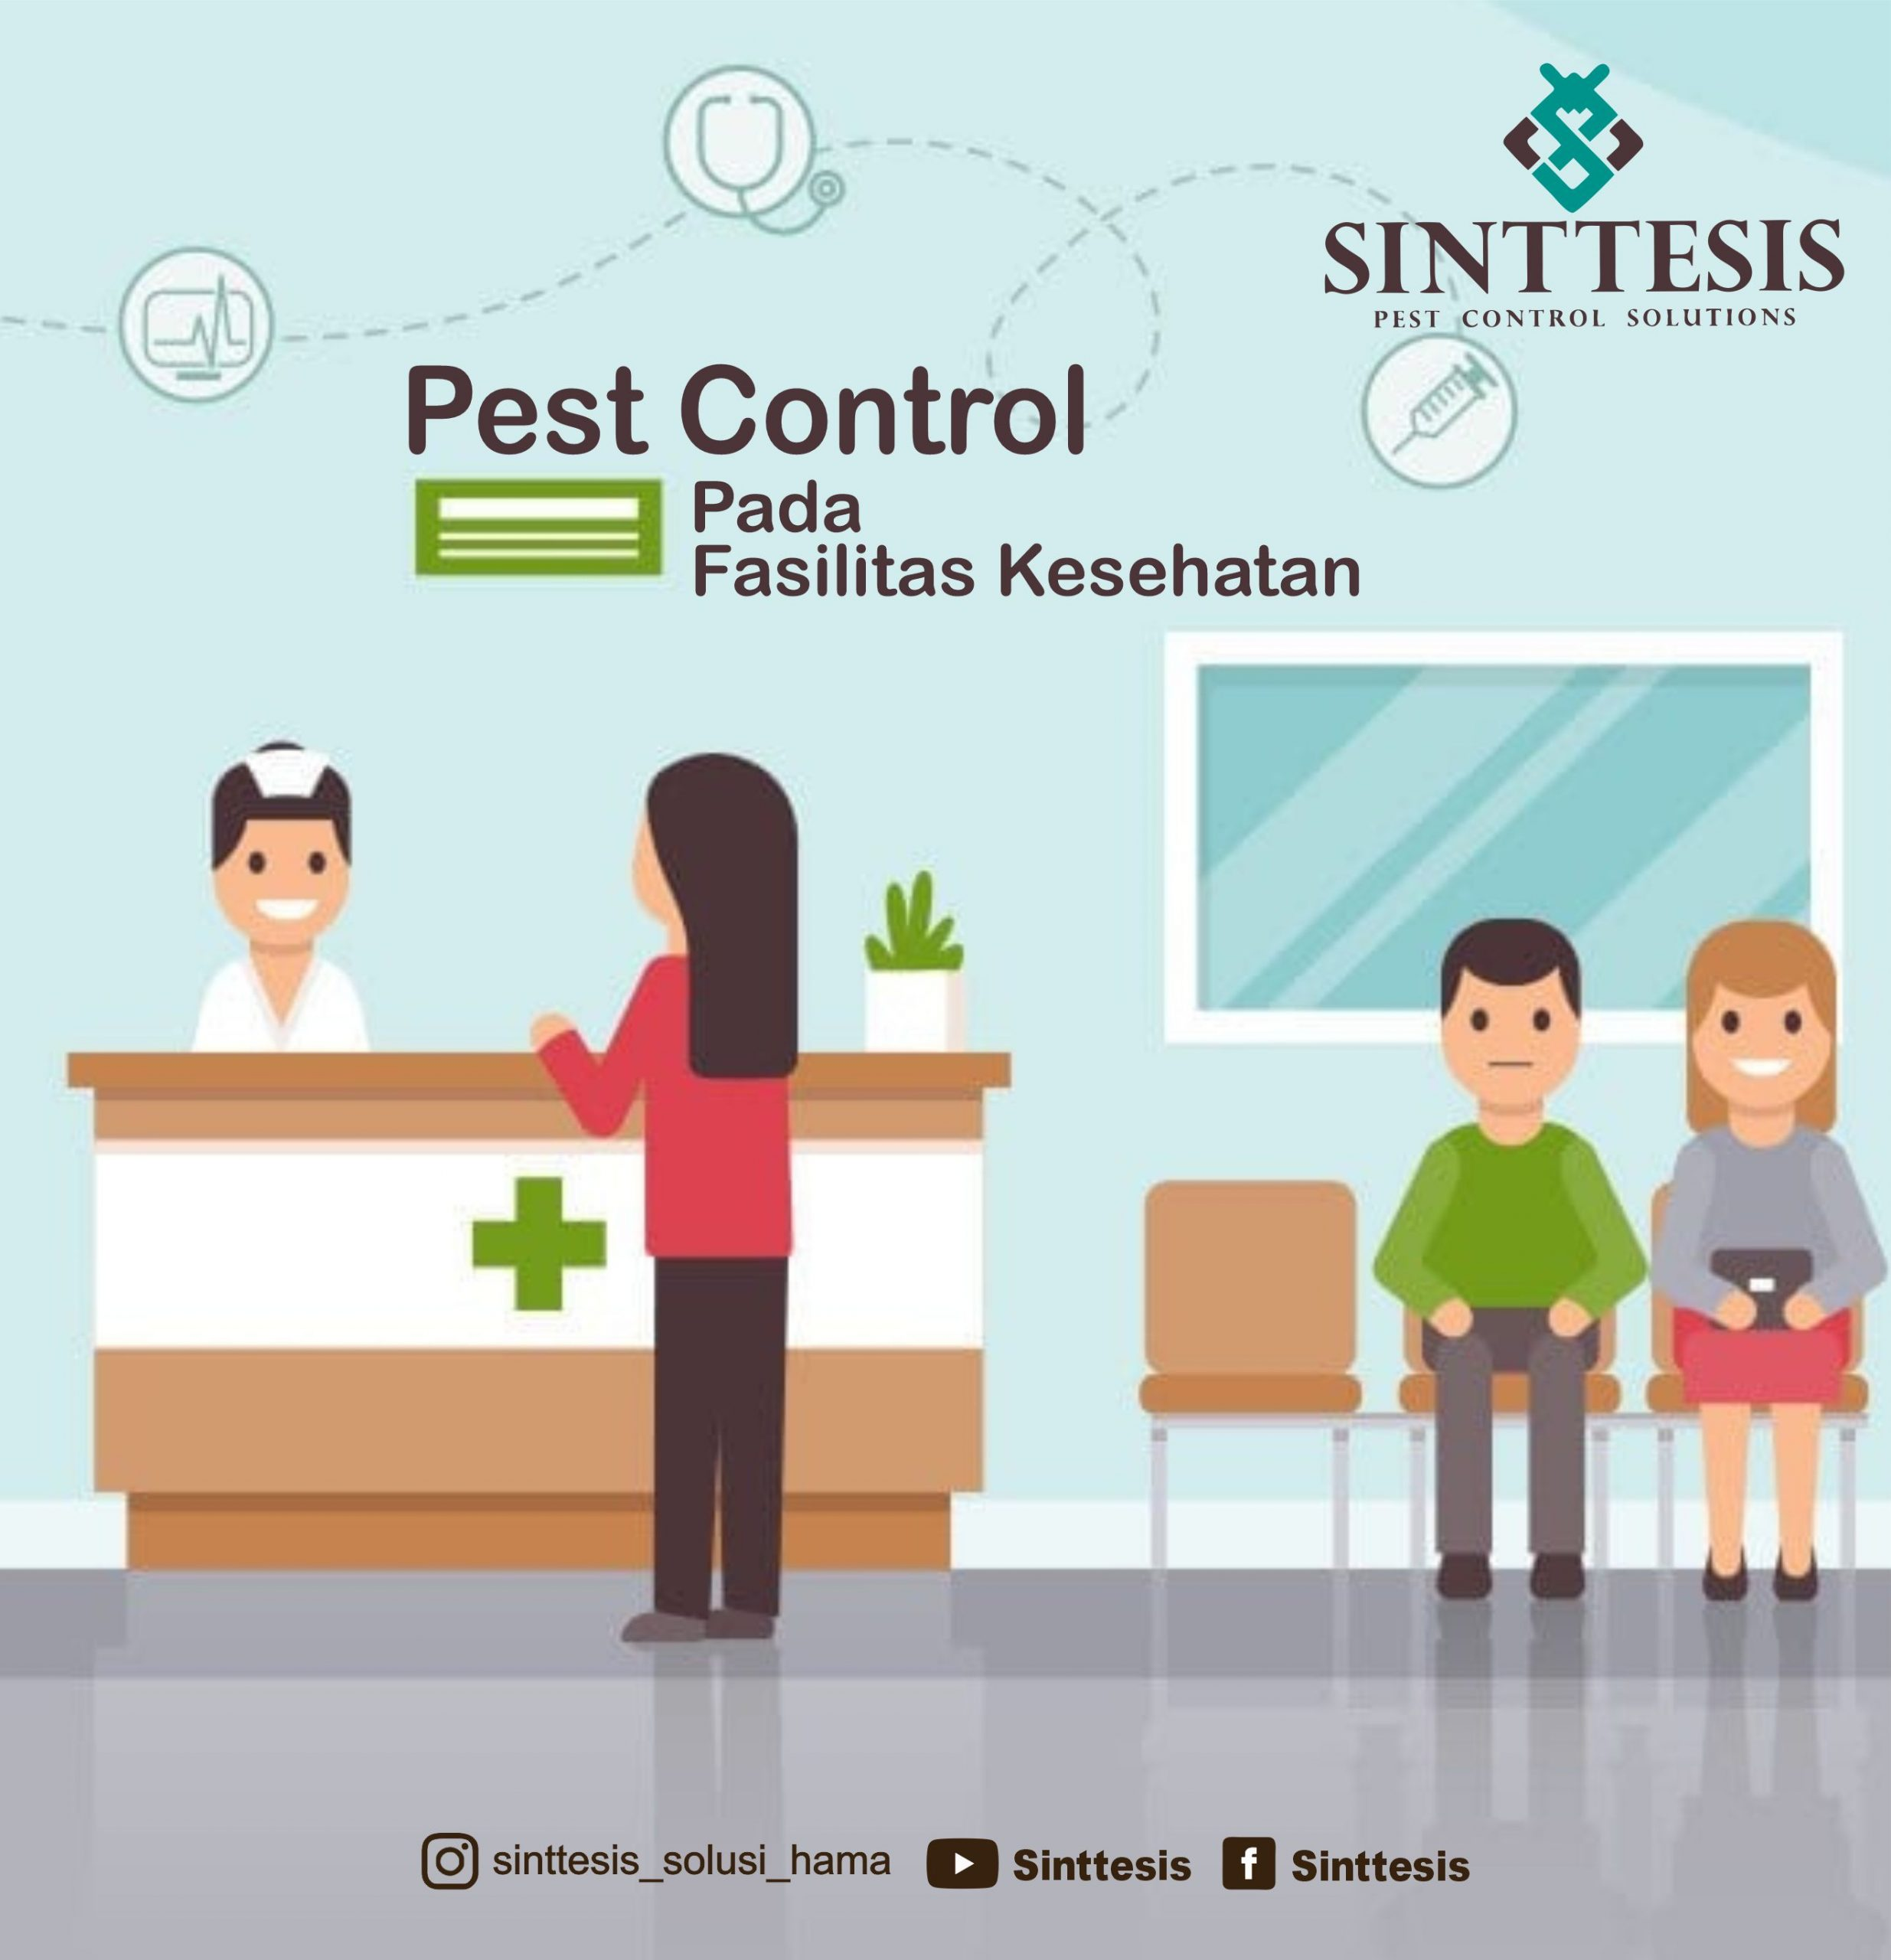 Pest Control pada Fasilitas Kesehatan